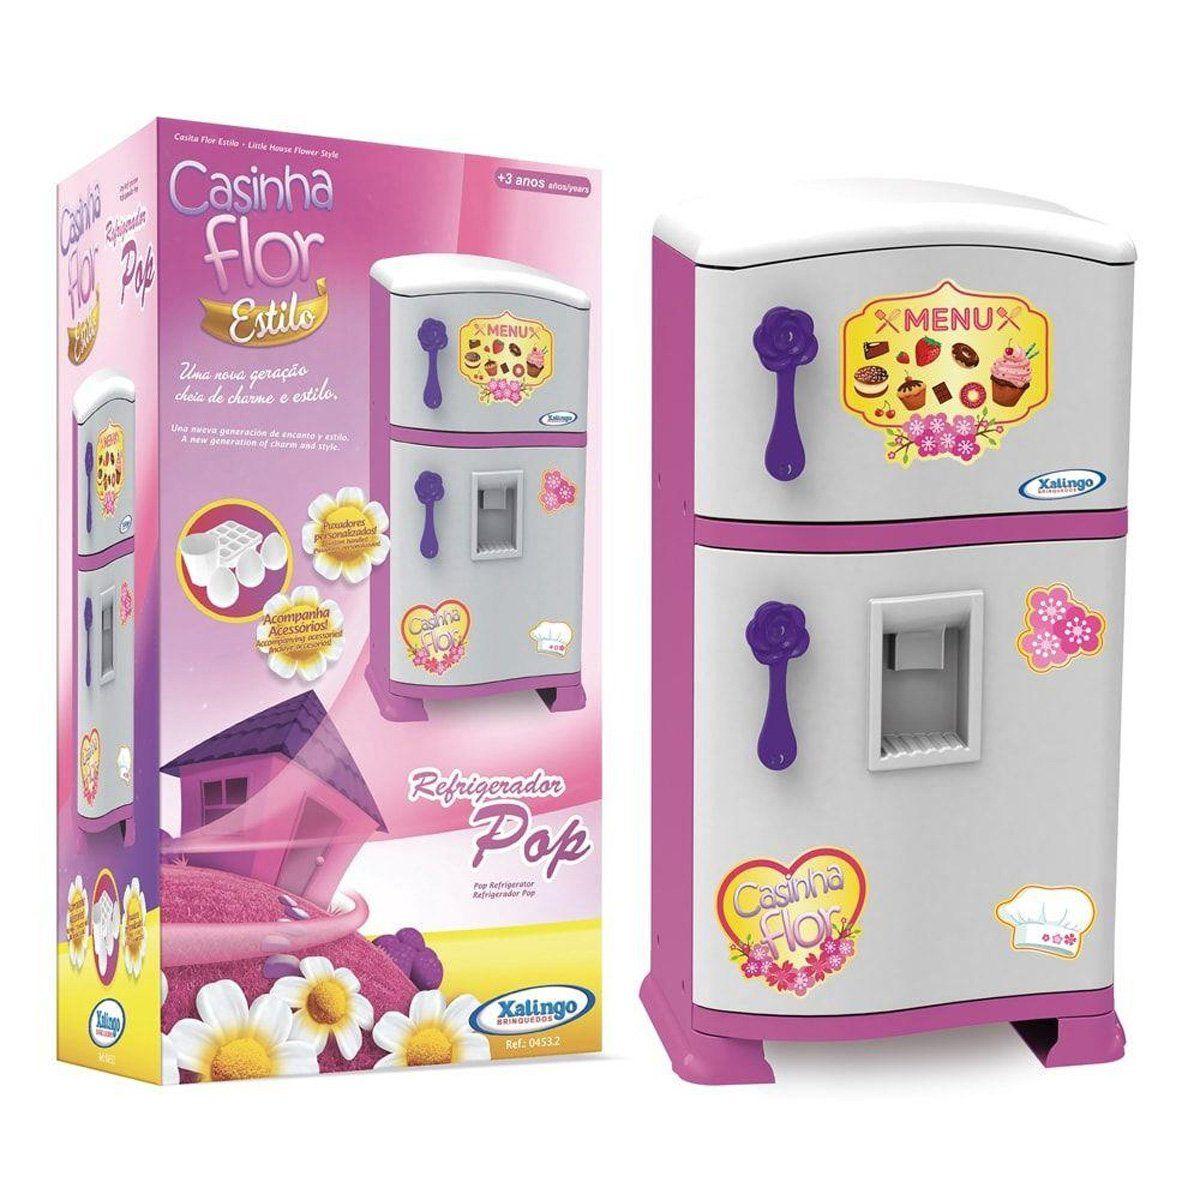 Refrigerador infantil Pop Casinha Flor 50 cm - Xalingo